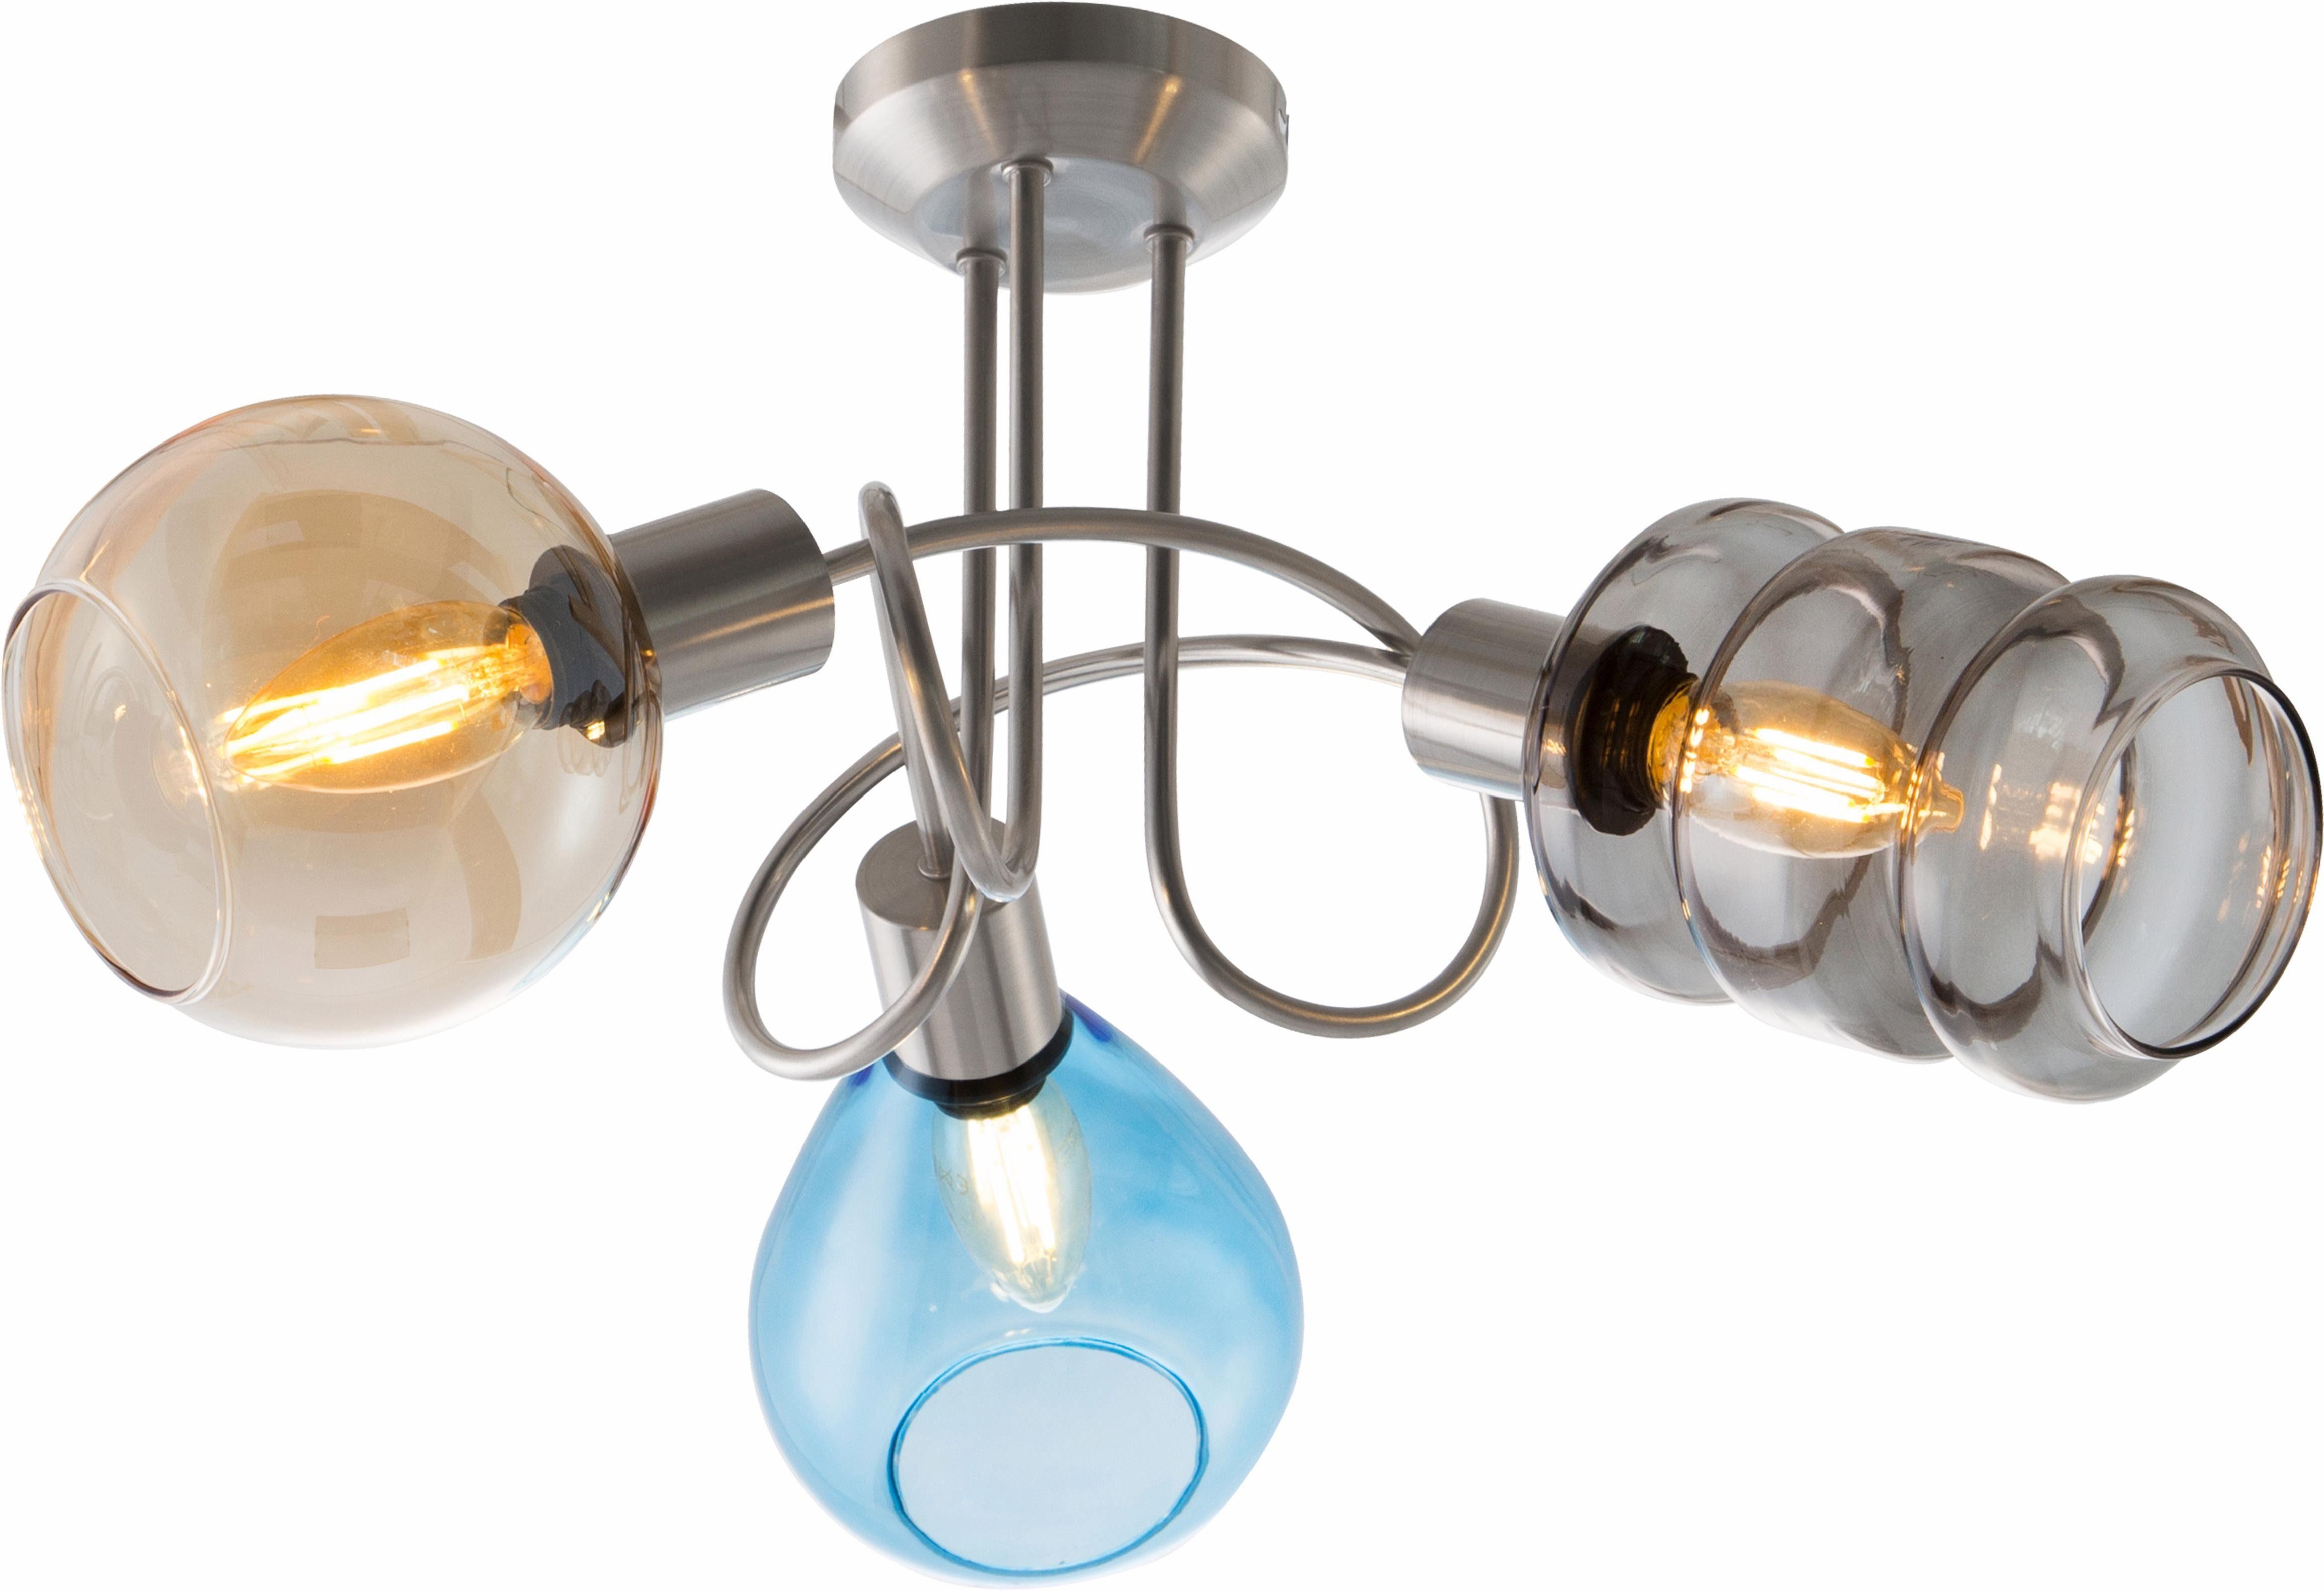 Nino Leuchten Deckenleuchte »PESARO«